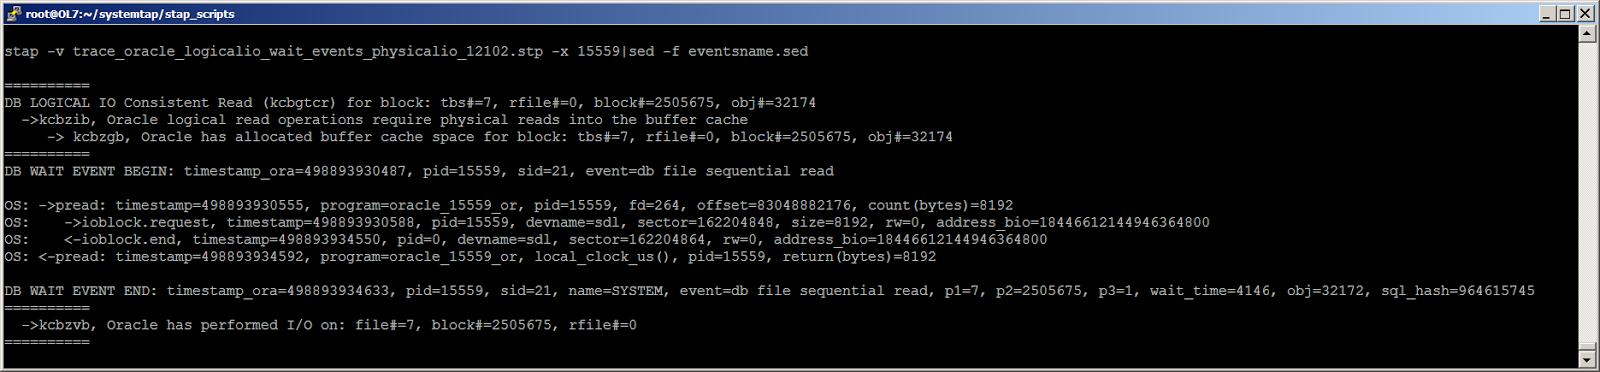 Жизнь Oracle I-O: трассировка логического и физического ввода-вывода с помощью SystemTap - 2